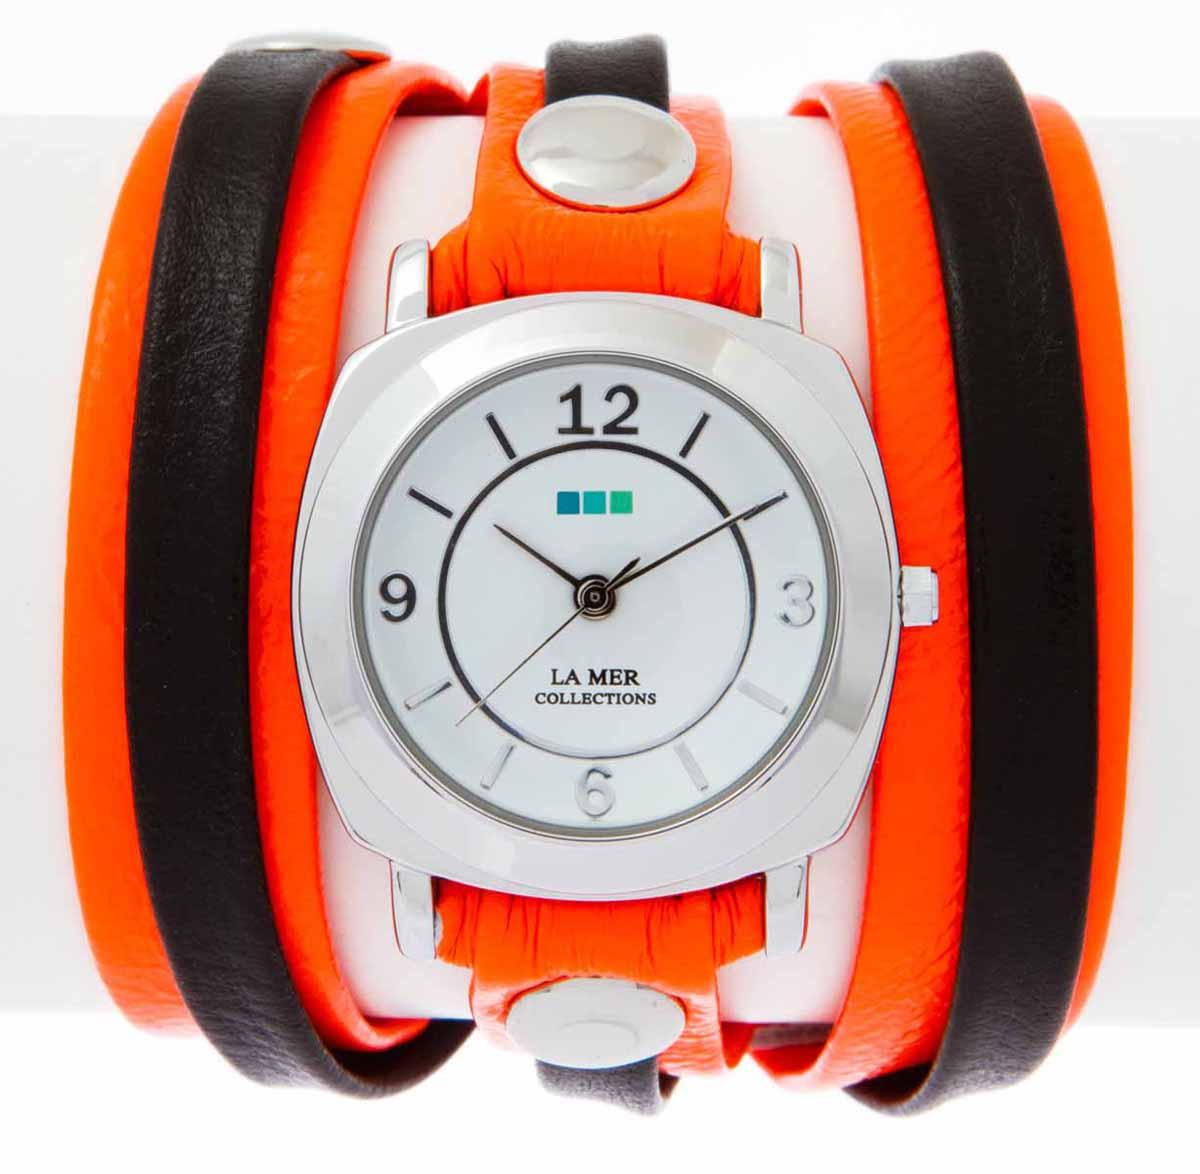 Часы наручные женские La Mer Collections Layer Odyssey Neon Orange Black. LMODYLY002LMODYLY002Часы оснащены японским кварцевым механизмом. Корпус круглой формы выполнен из нержавеющей стали серебристого цвета. Оригинальный кожаный ремешок черного и оранжевого цветов отделан металлическими клепками. Каждая модель женских наручных часов La Mer Collections имеет эксклюзивный дизайн, в основу которого положено необычное сочетание классических циферблатов с удлиненными кожаными ремешками. Оборачиваясь вокруг запястья несколько раз, они образуют эффект кожаного браслета, превращая часы в женственный аксессуар, который великолепно дополнит другие аксессуары и весь образ в целом. Дизайн La Mer Collections отвечает всем последним тенденциям моды и превосходно сочетается с модными сумками, ремнями, обувью и другими элементами гардероба современных девушек. Часы La Mer - это еще и отличный подарок любимой девушке, сестре или подруге на день рождения, восьмое марта или новый год!